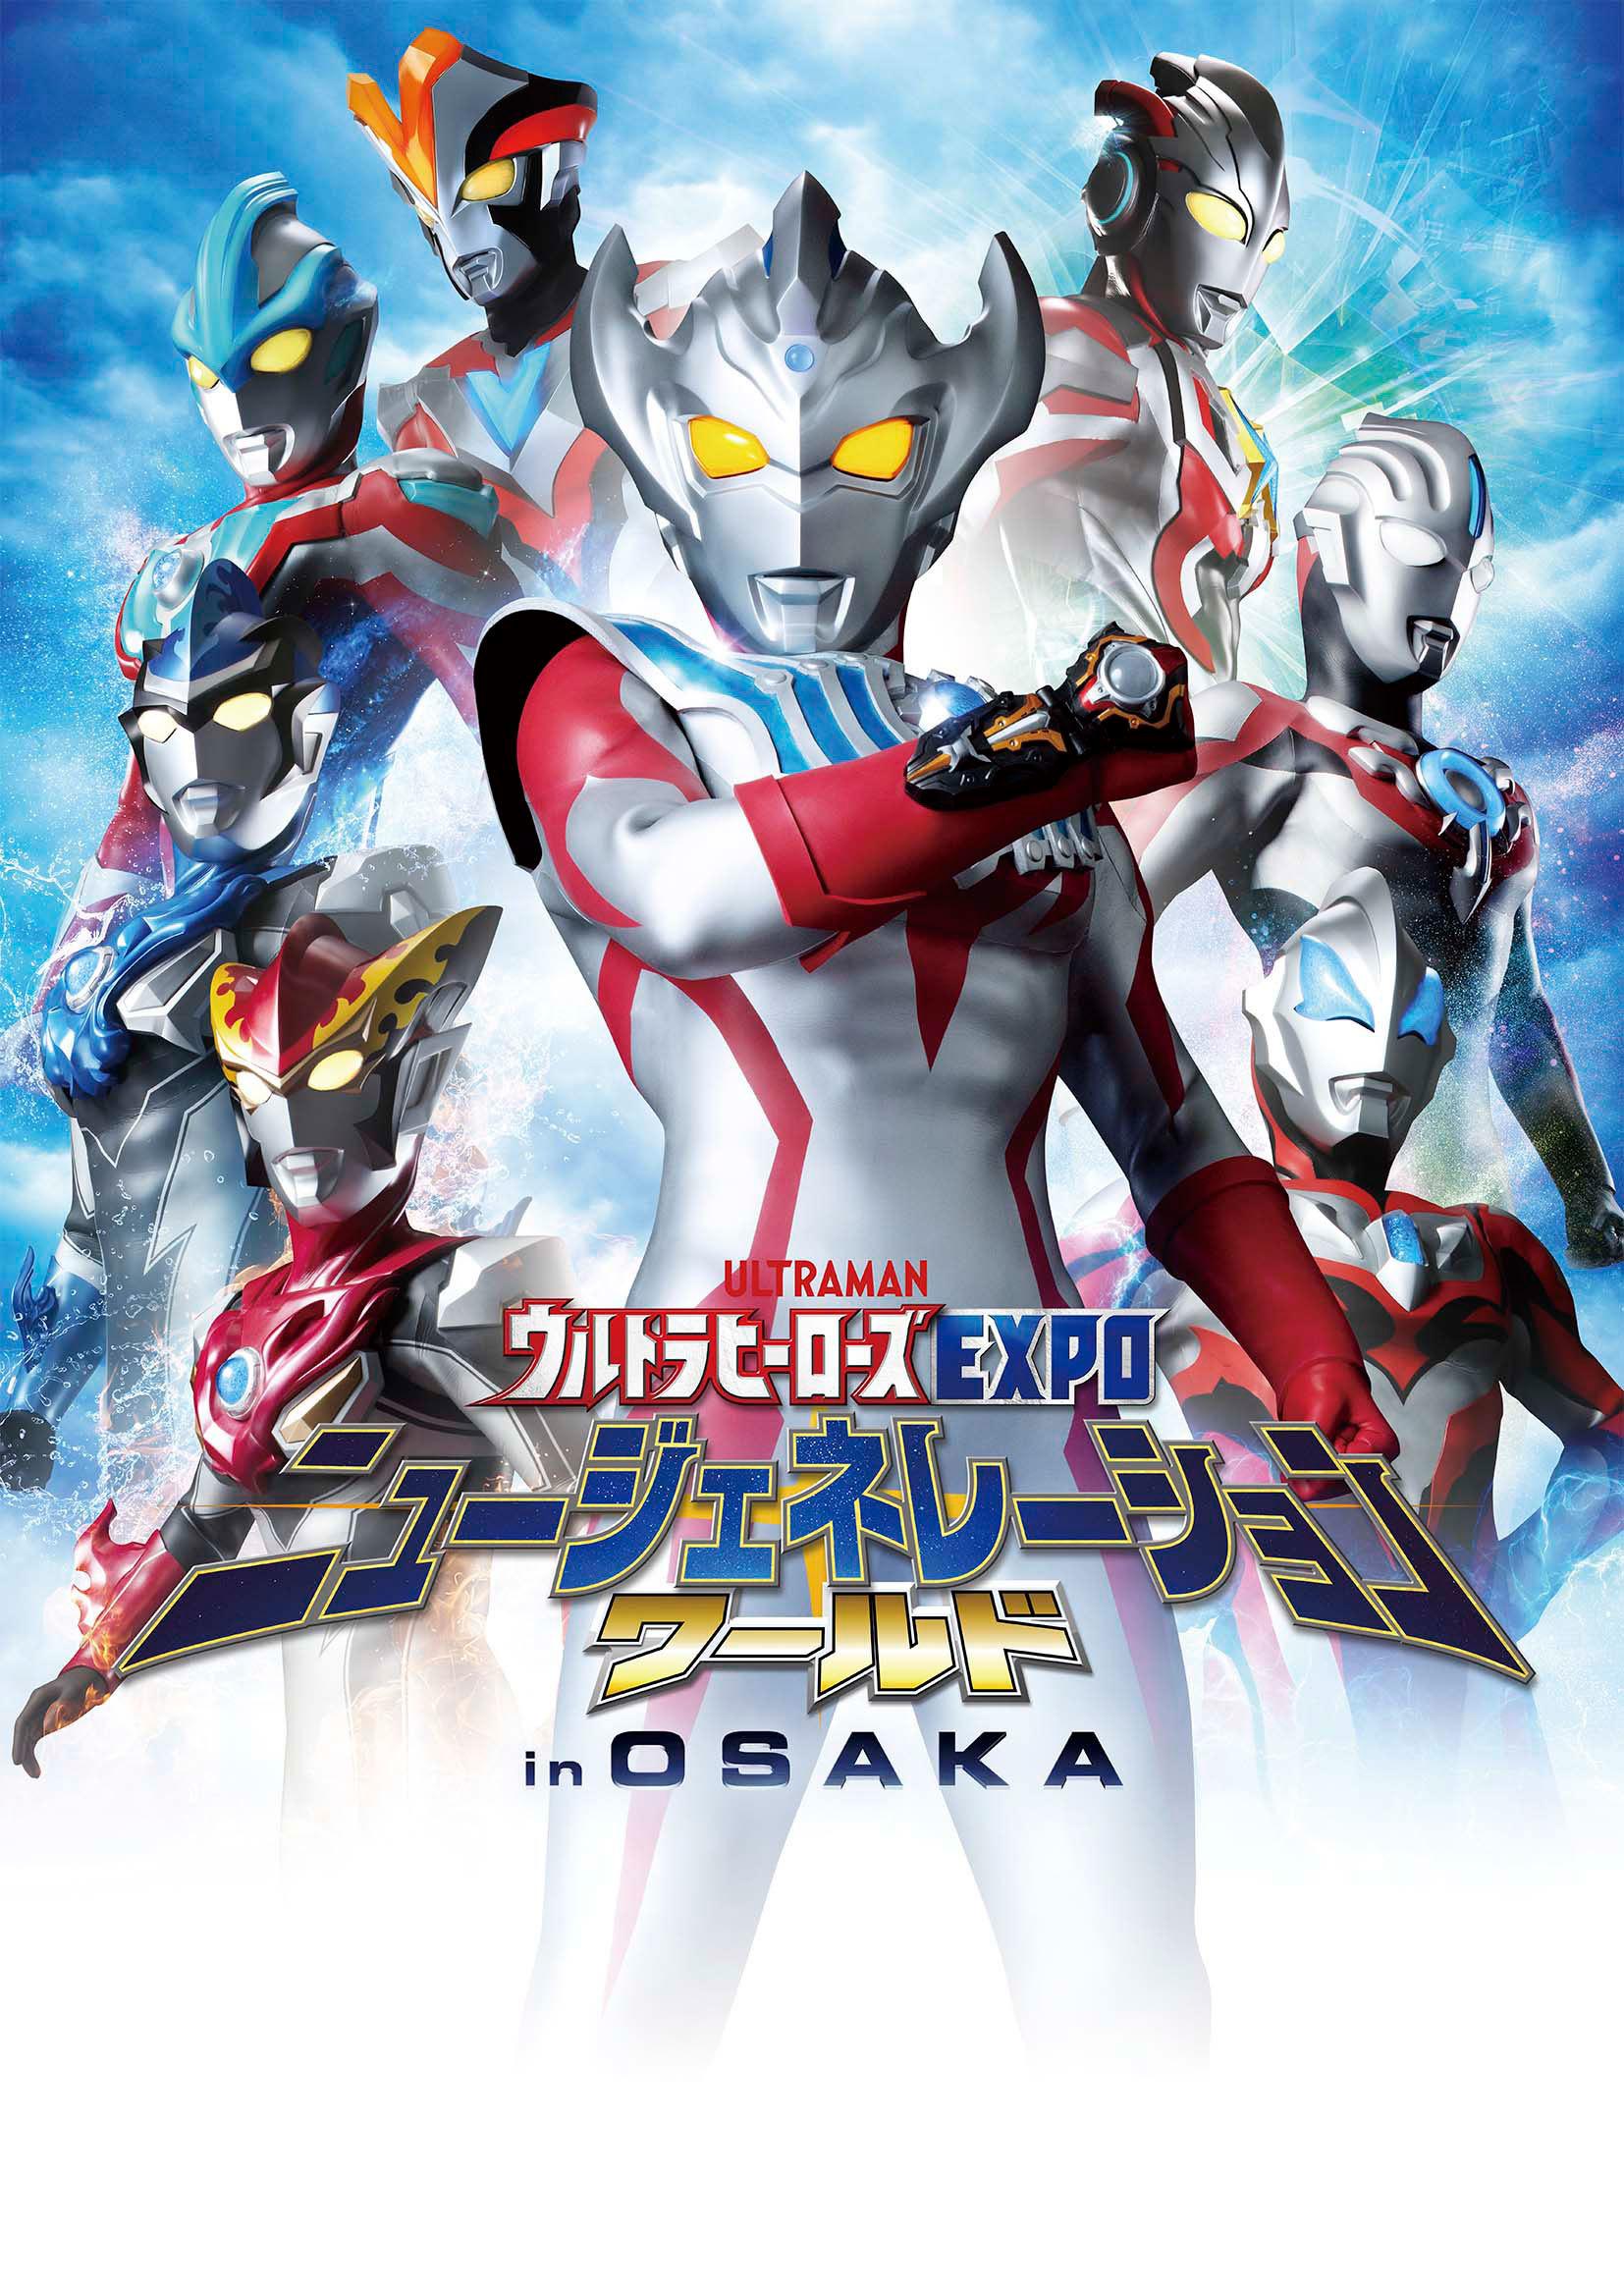 『ウルトラヒーローズ EXPO ニュージェネレーションワールド in OSAKA』 (C)円谷プロ